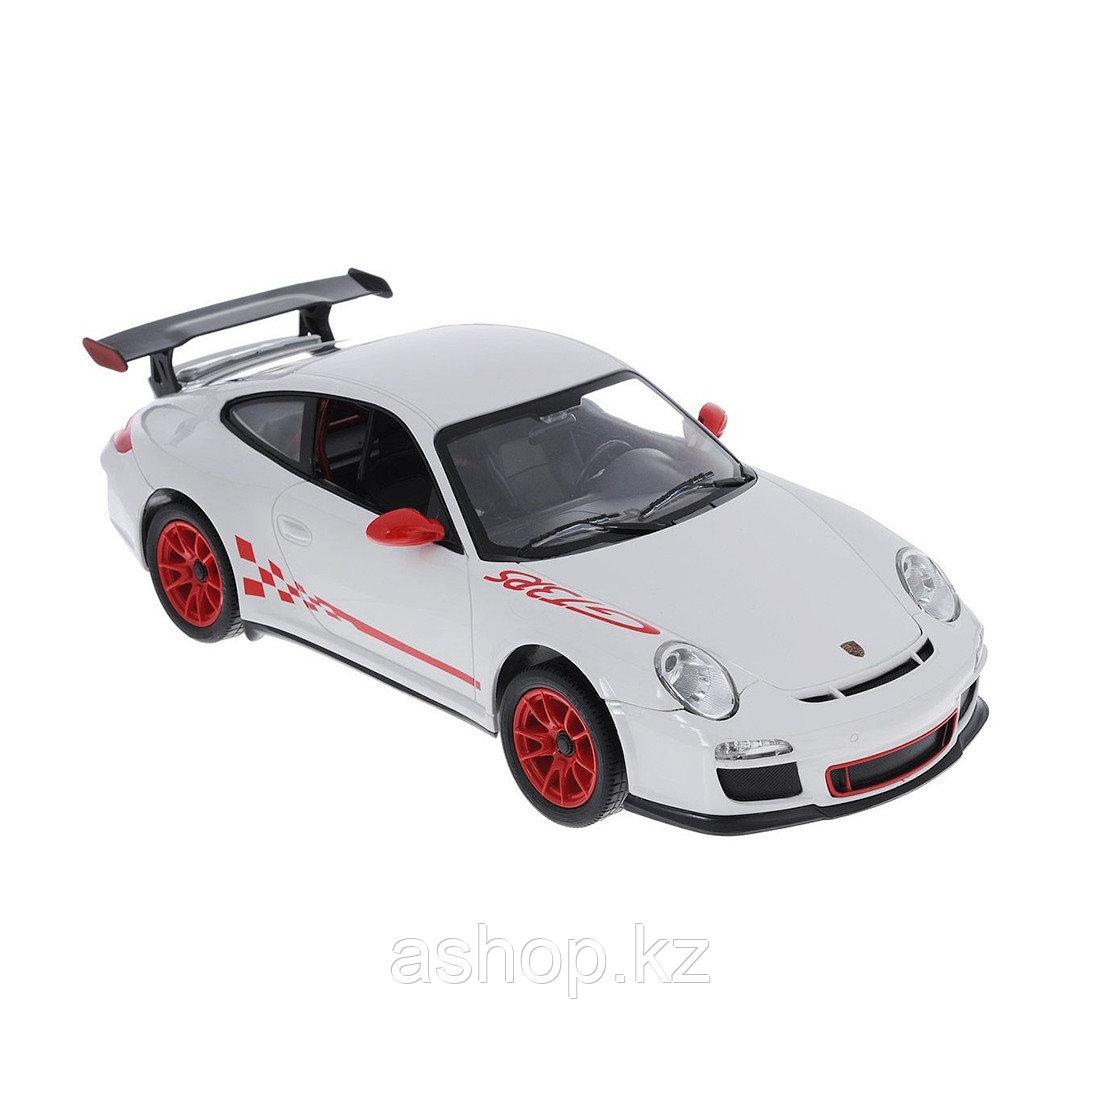 Радиоуправляемая модель автомобиль Rastar Porsche GT3, 1:14, Управление: Джойстик, Материал: Пластик, Цвет: Бе